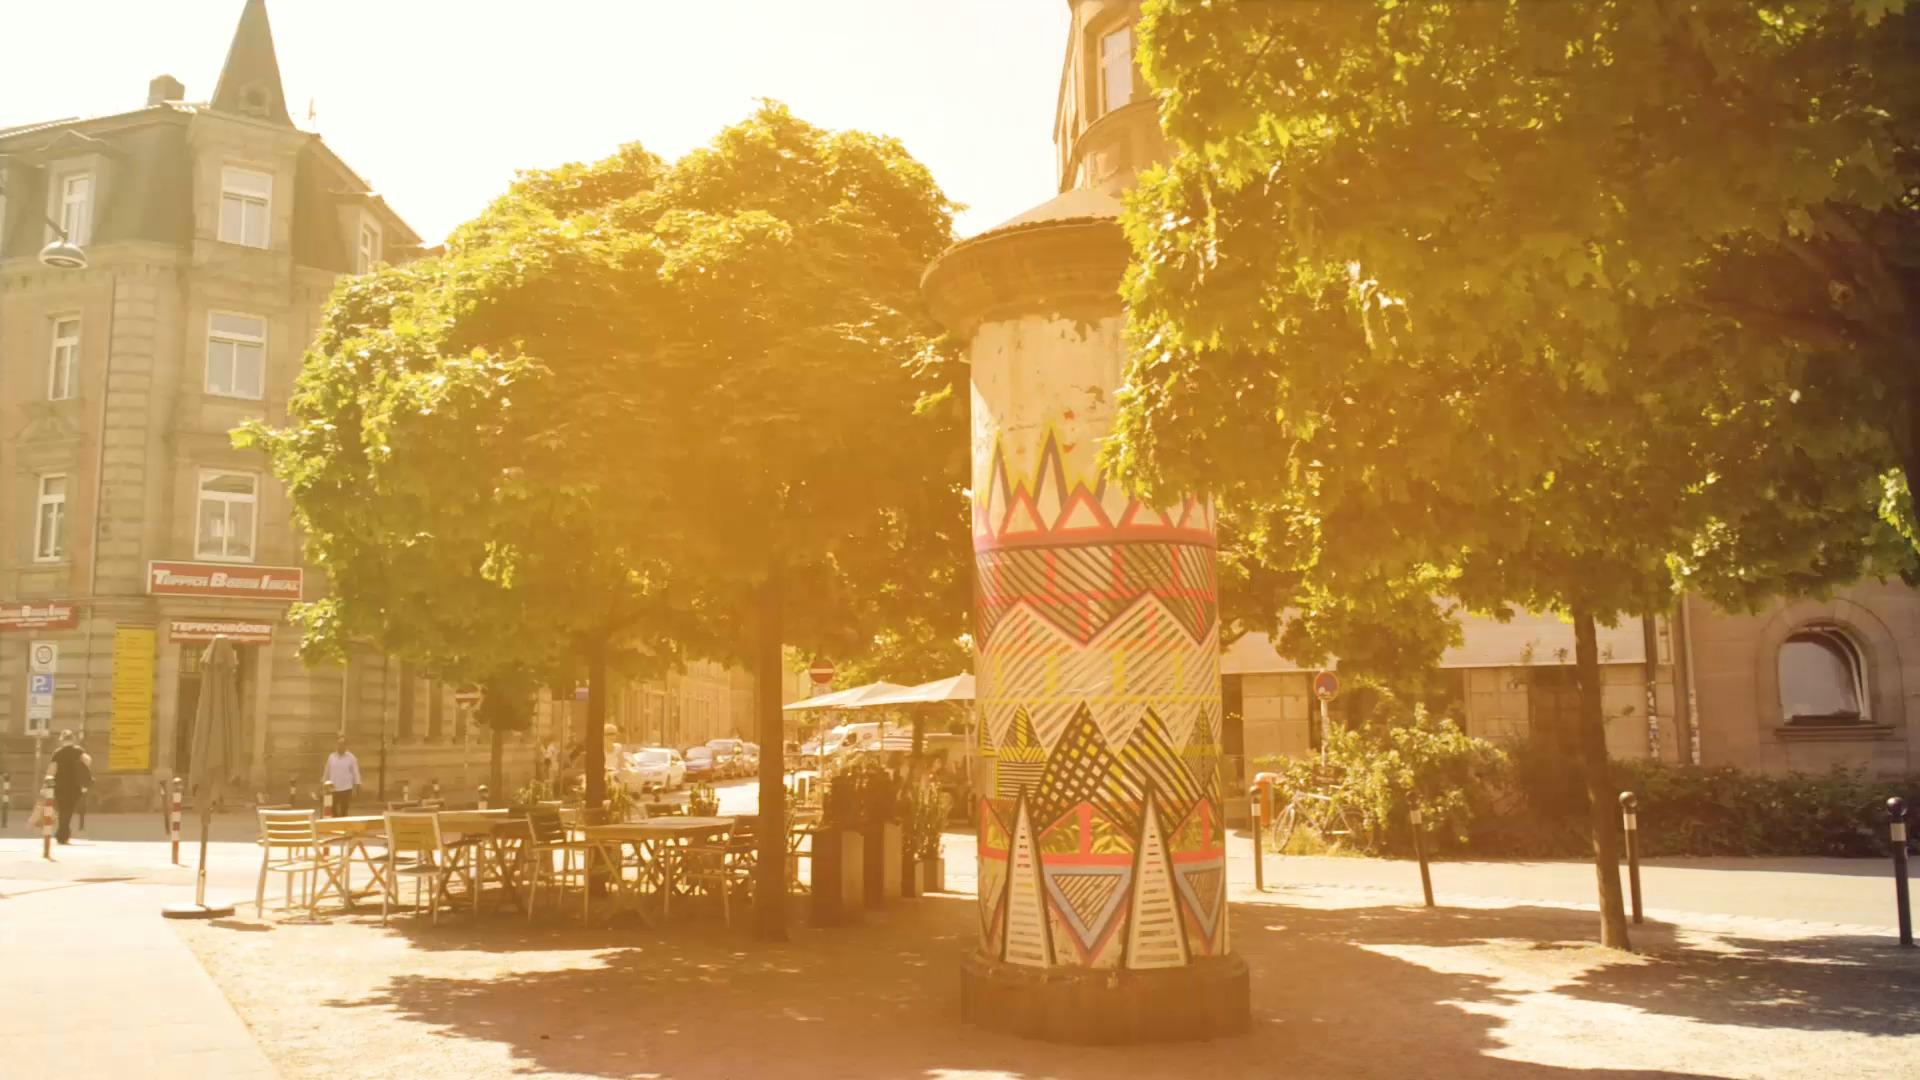 Symbolbild für den Stadteil Gostenhof in Nürnberg. Bemalte Litfasssäule bei Sonnenschein